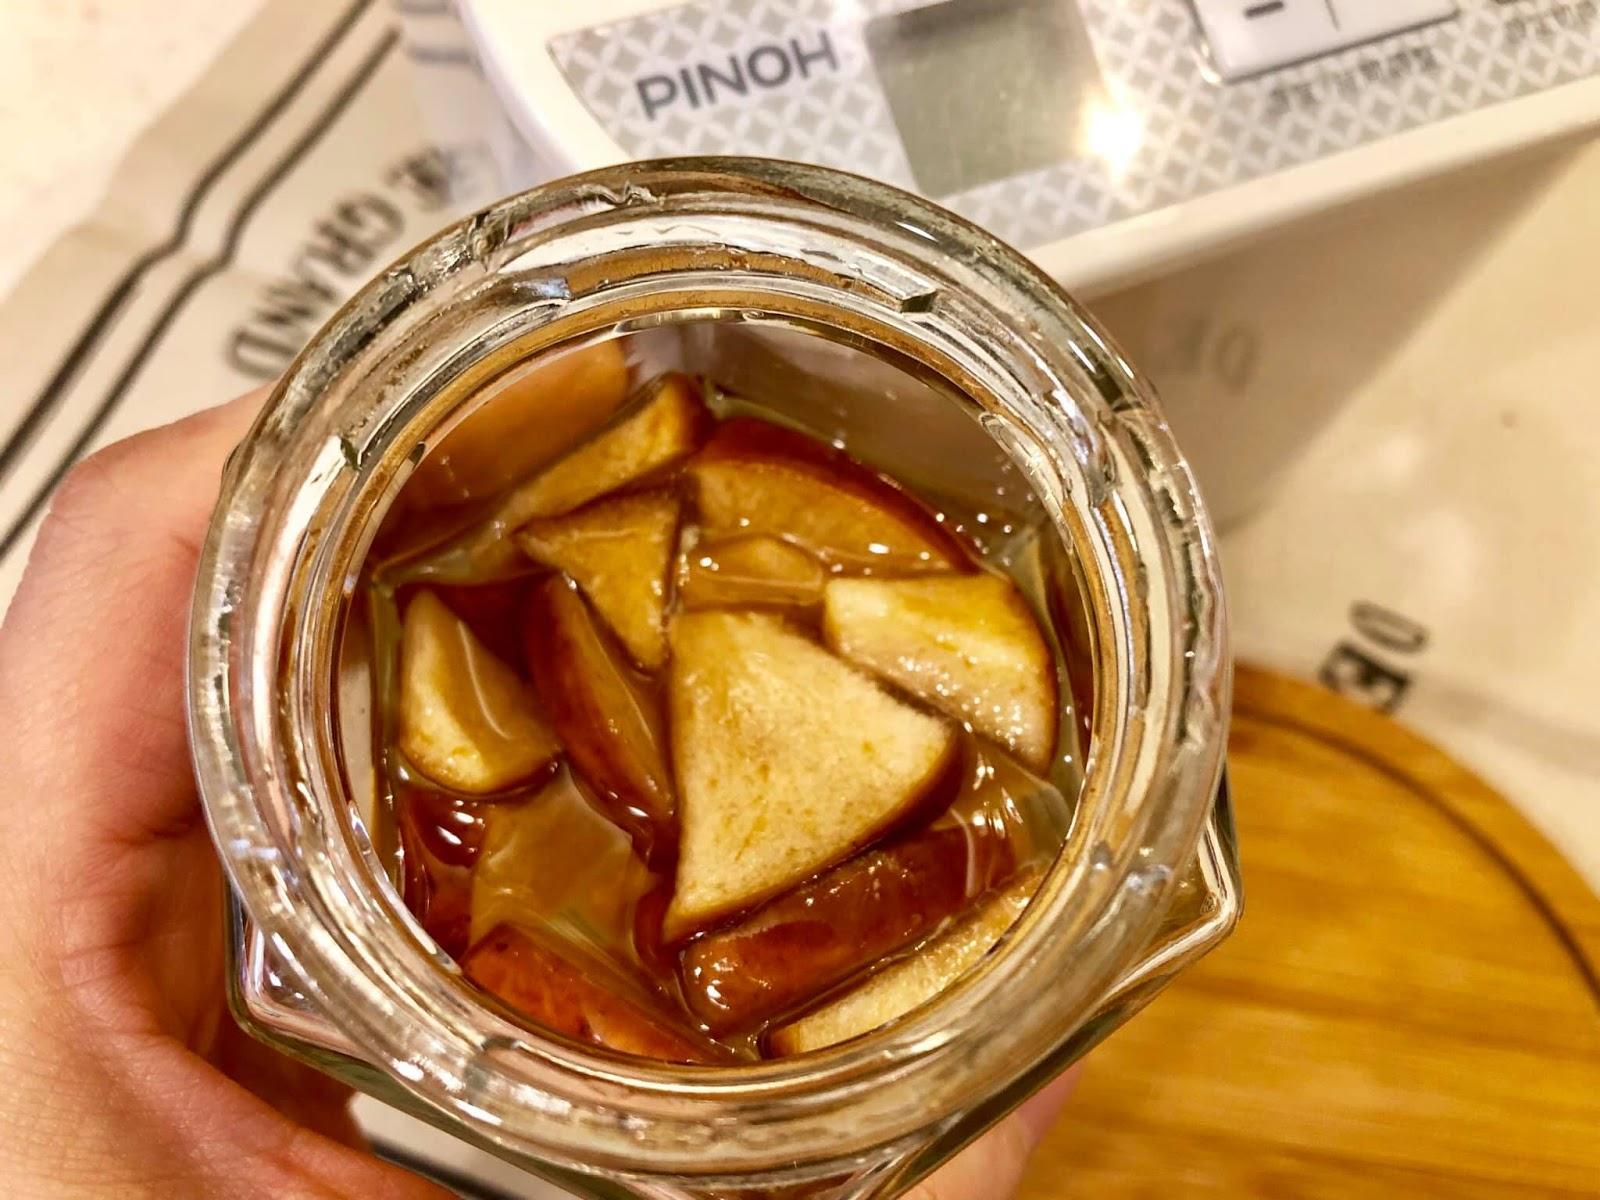 蘋果醋飲(品諾發酵美人機) | 布布優格